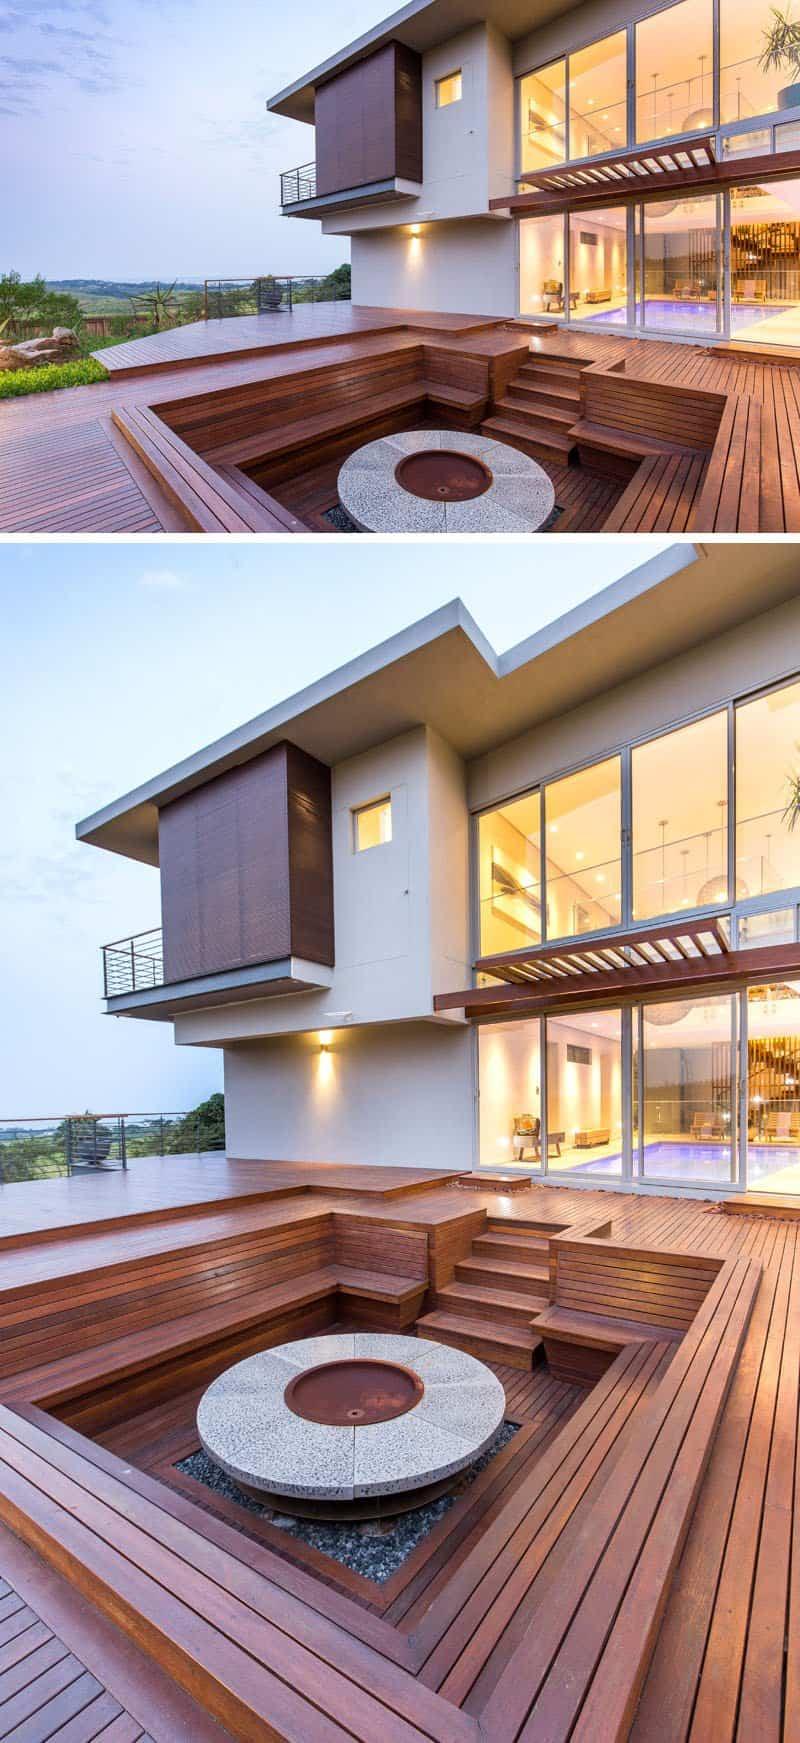 Impresionante casa construida alrededor de una piscina for Cubiertas para techos de casas